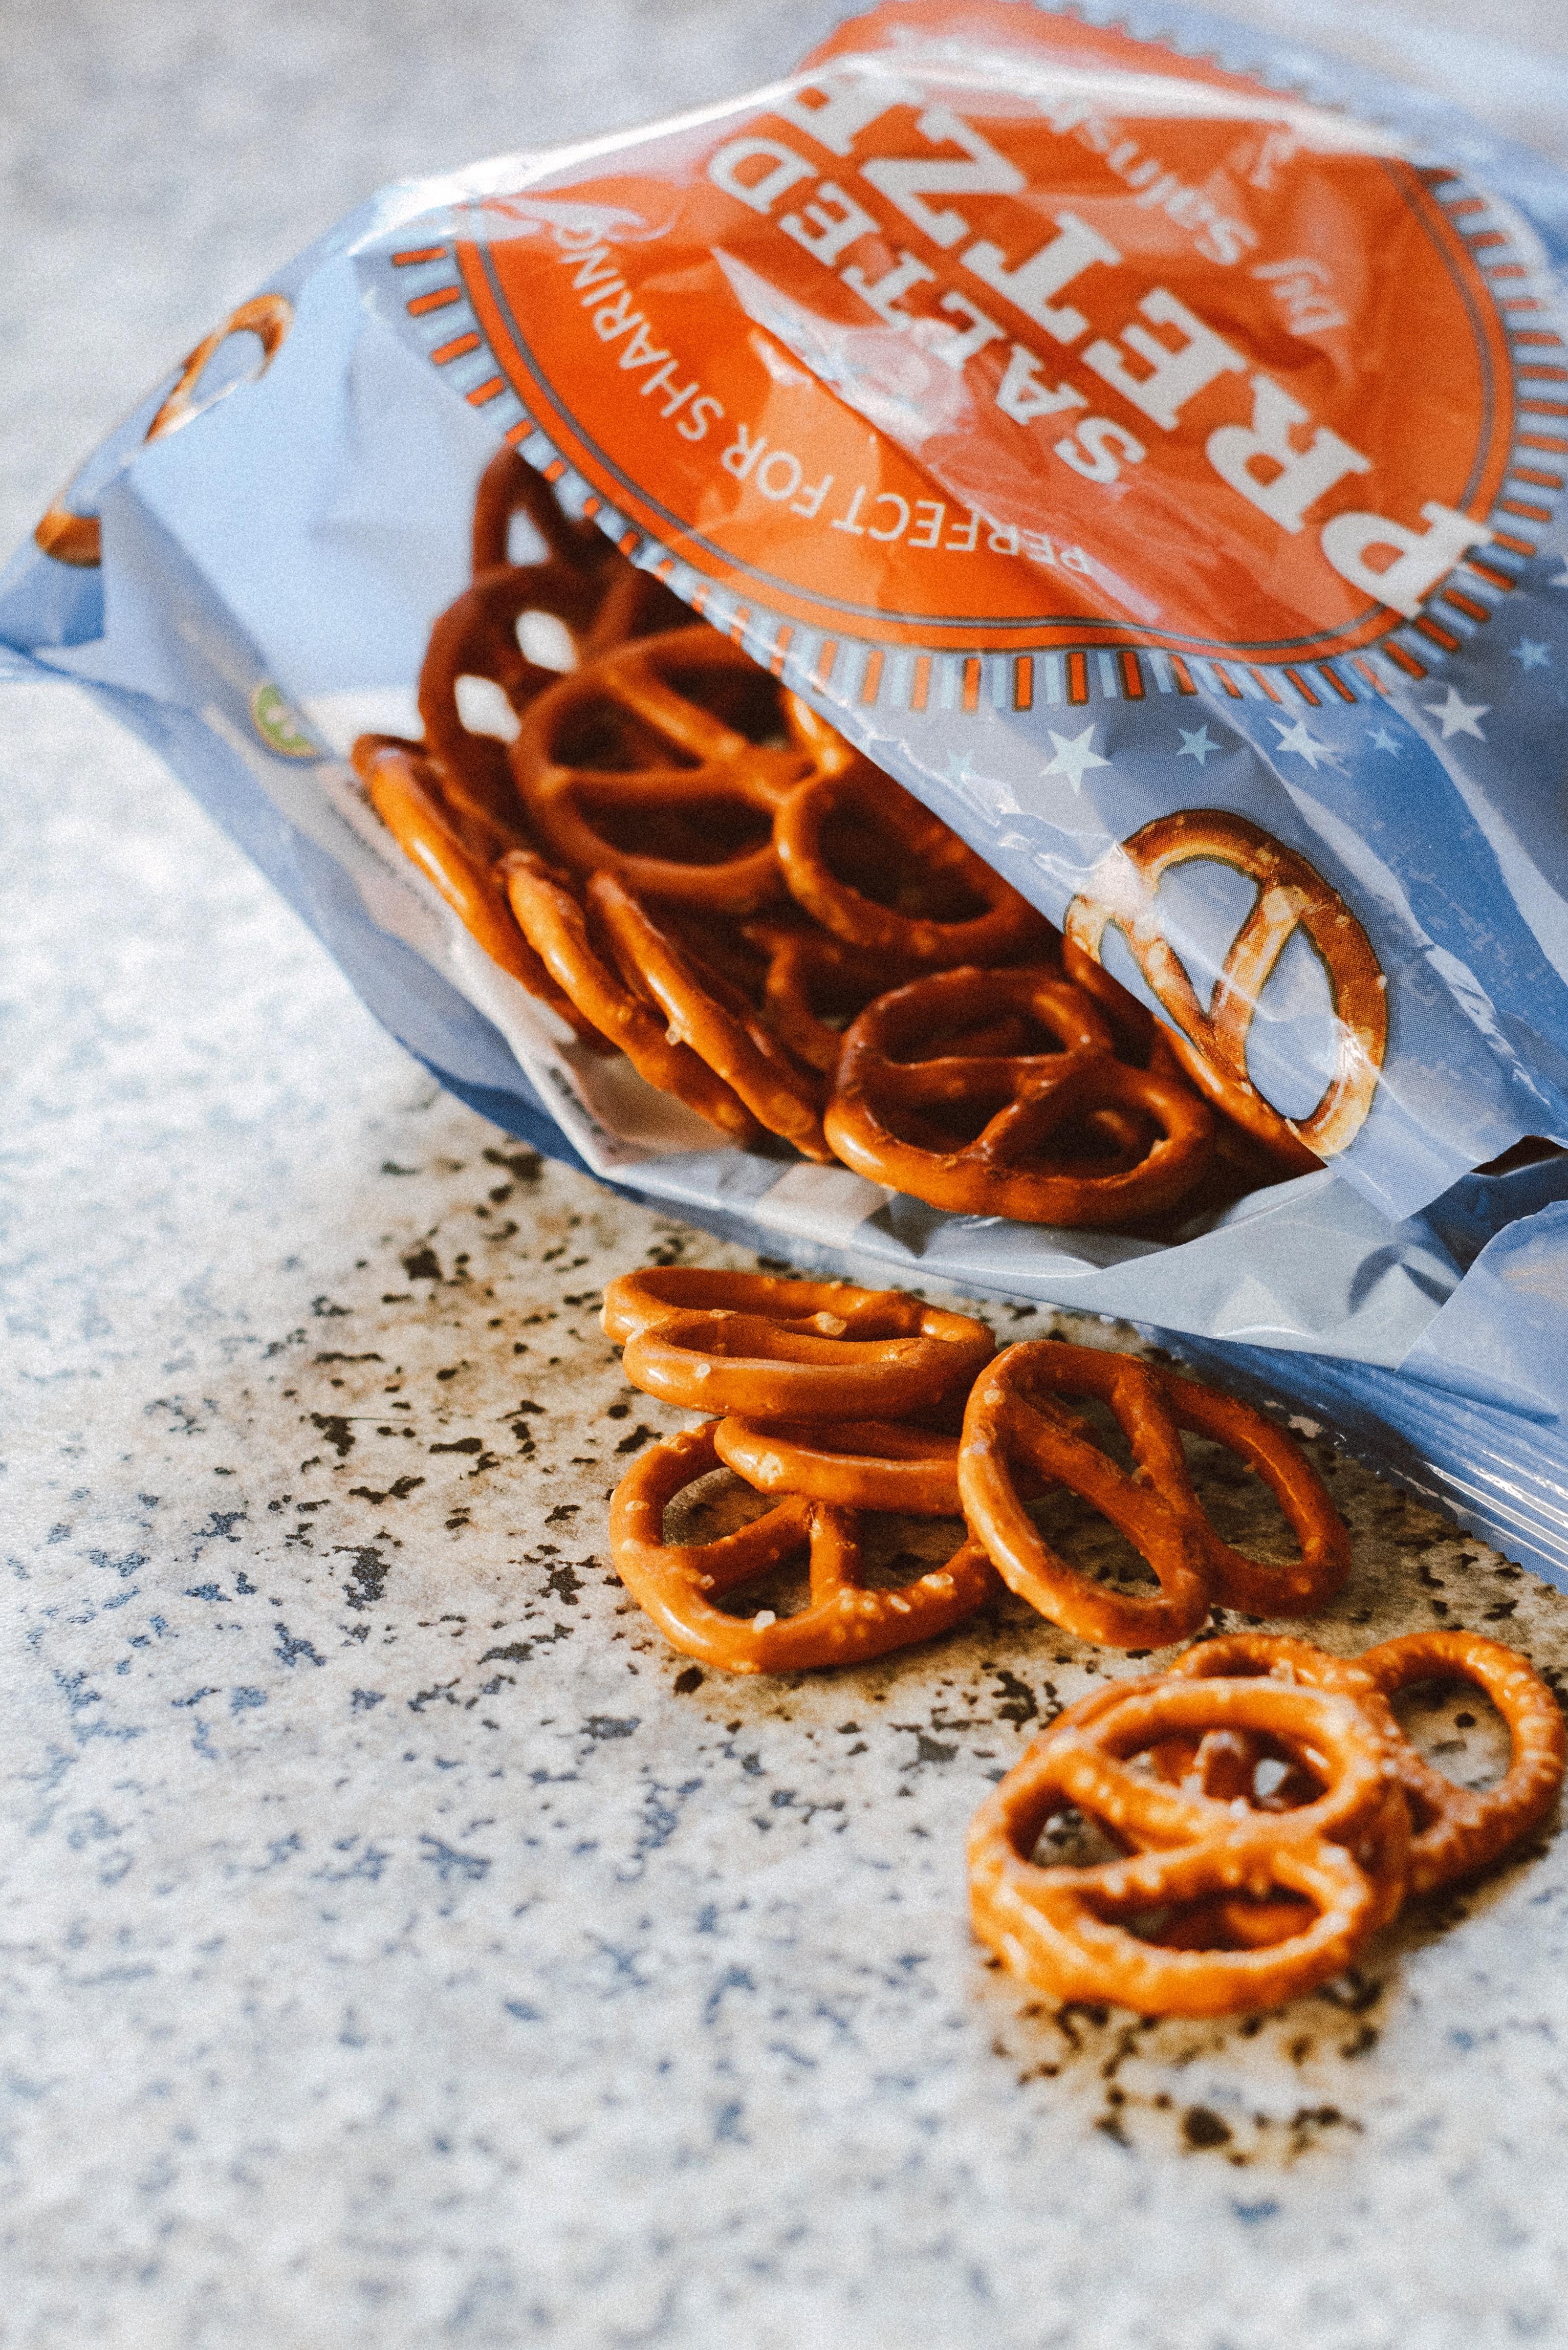 delicious-food-pretzels-1894325